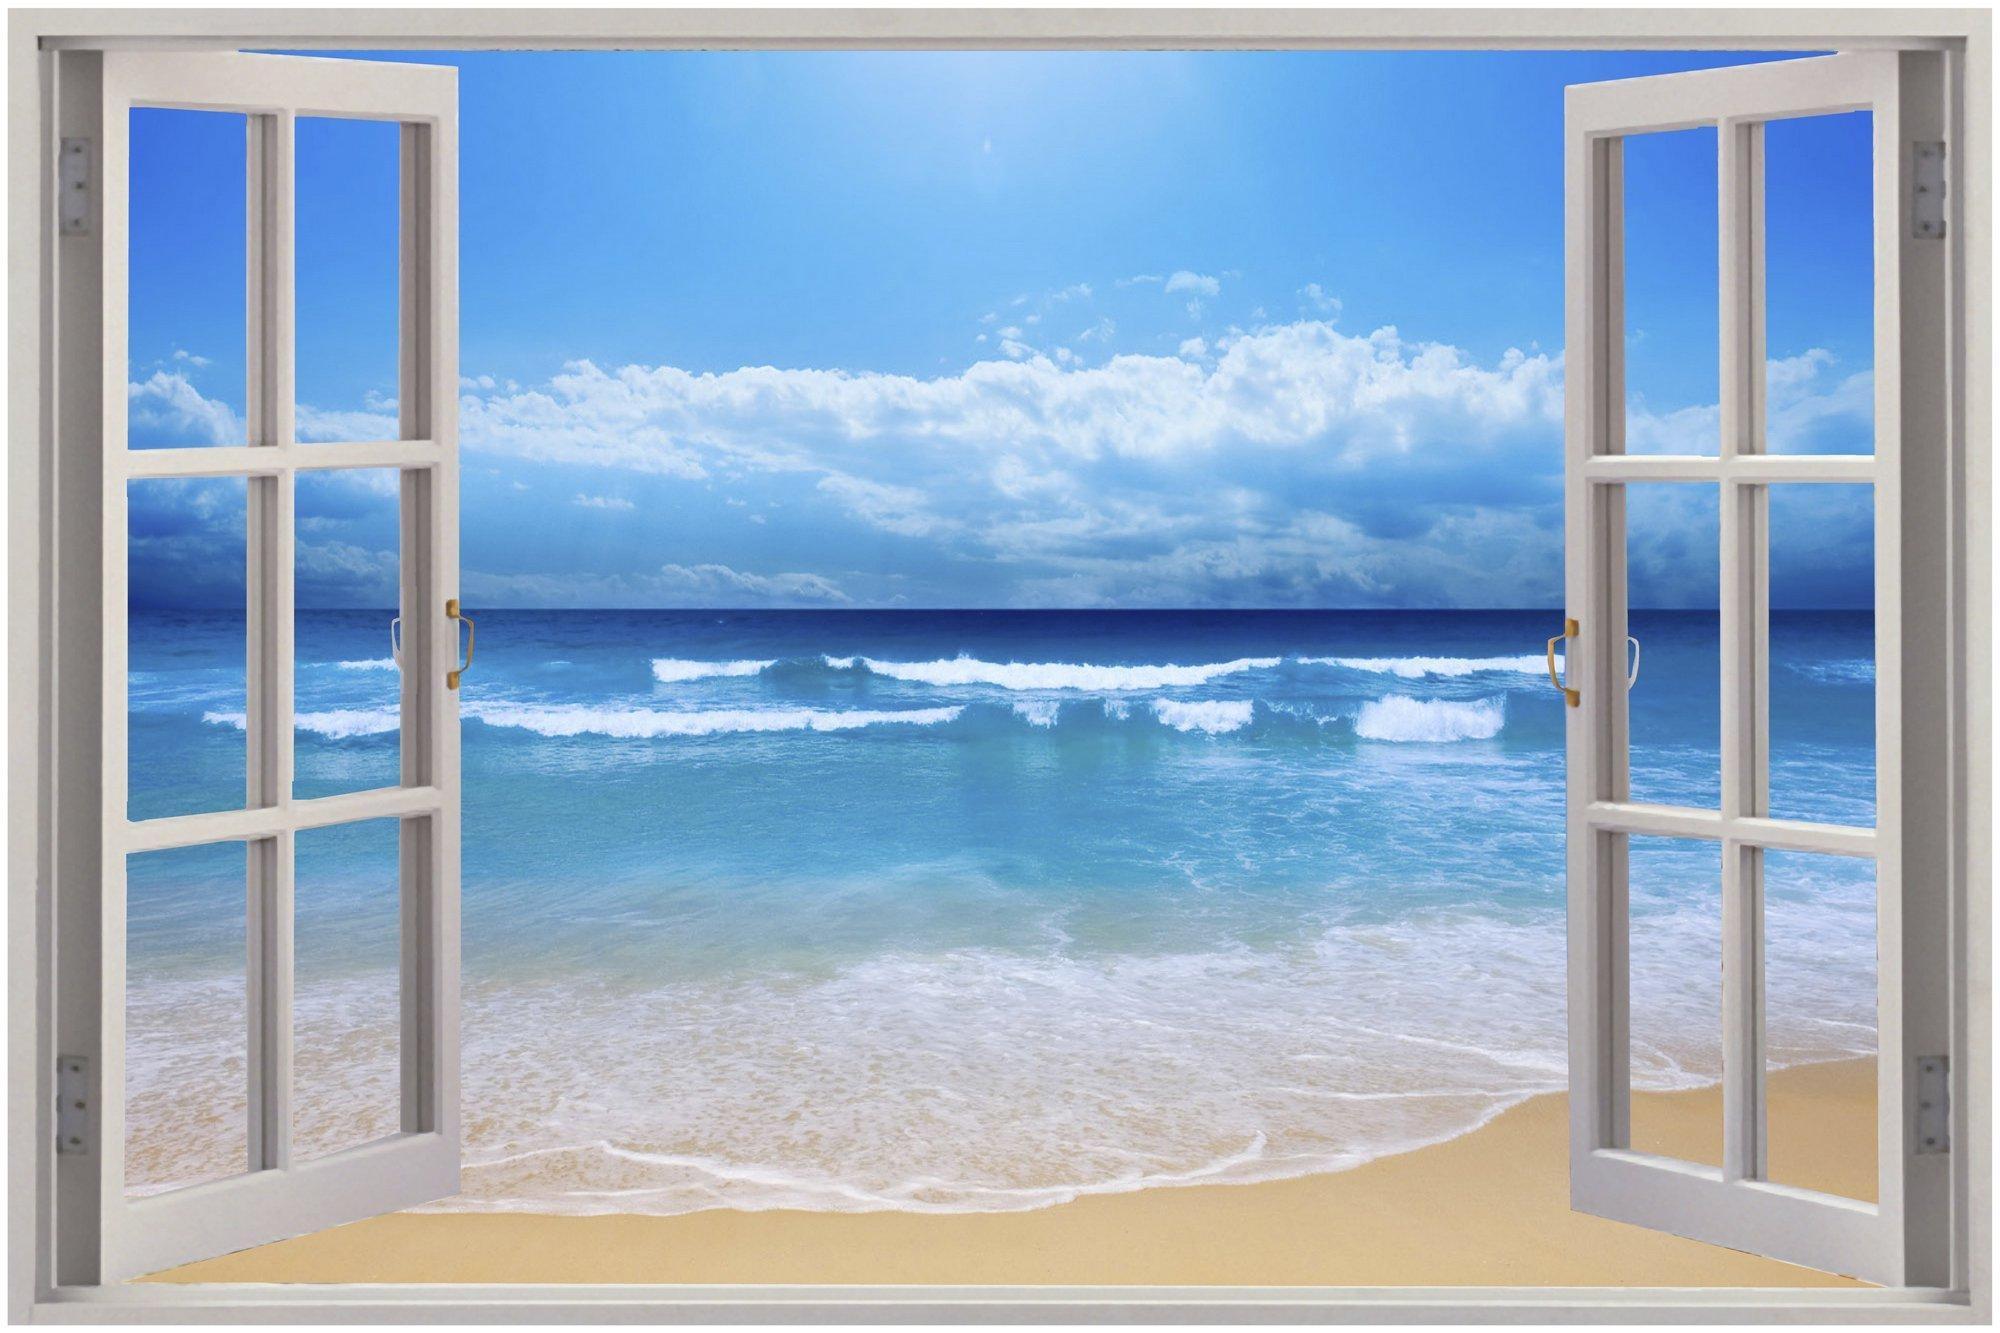 3D Wall Art Beach   Wallartideas Throughout Beach Wall Art (View 8 of 20)